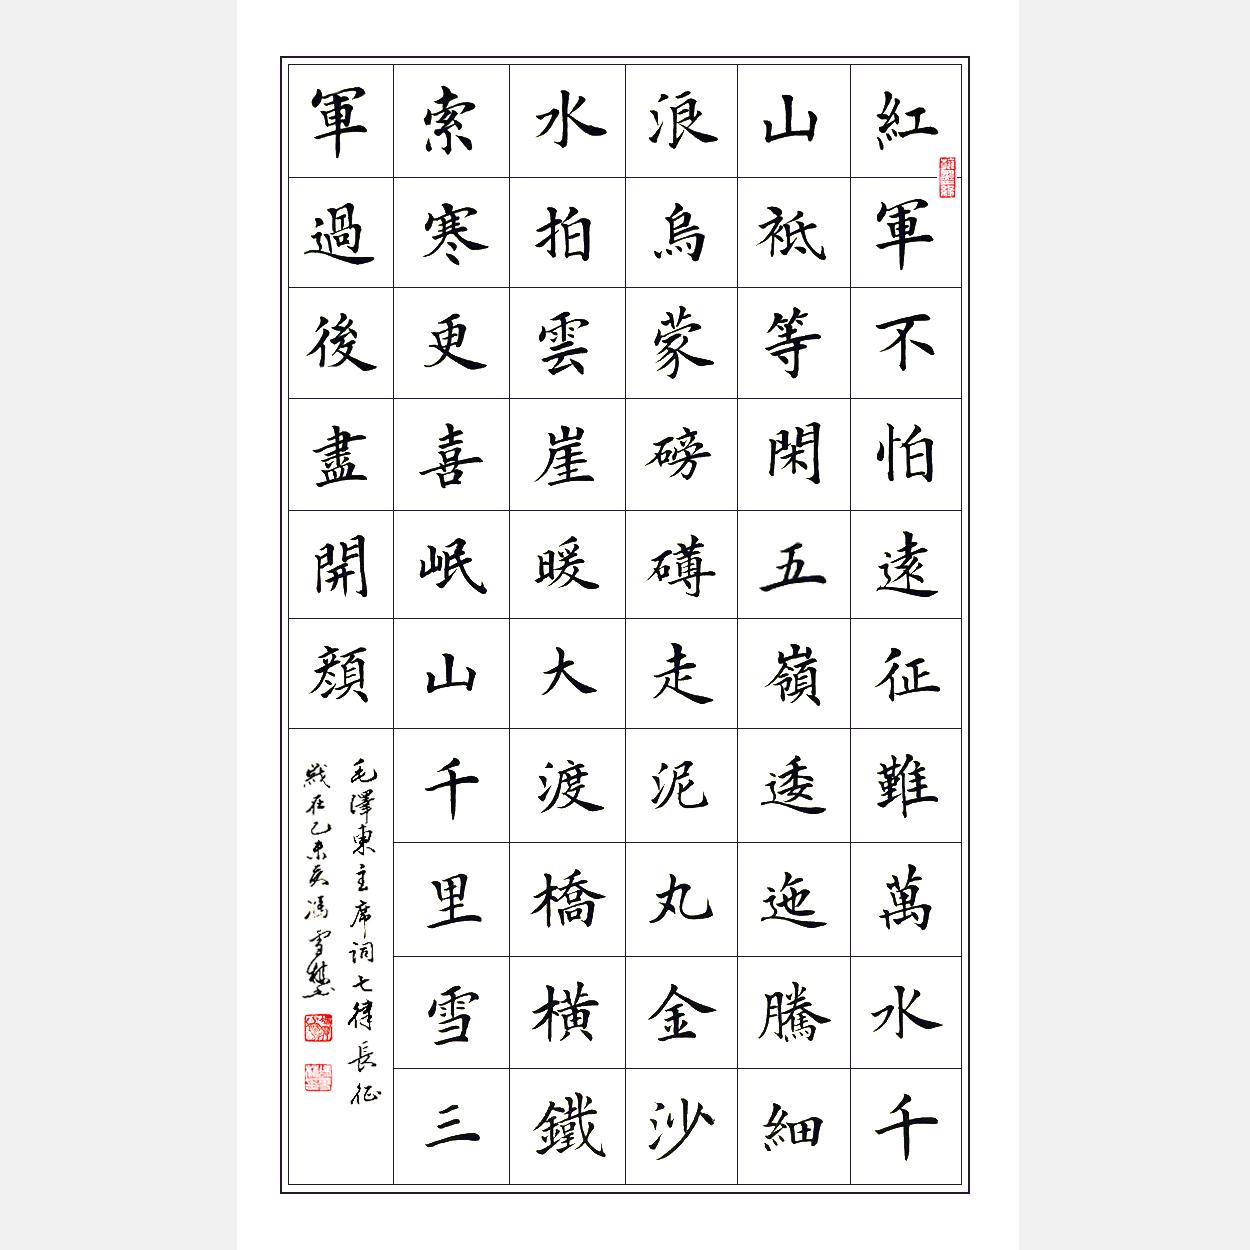 红色诗词 毛主席《七律・长征》红军不怕远征难 楷书 纪念长征胜利80周年